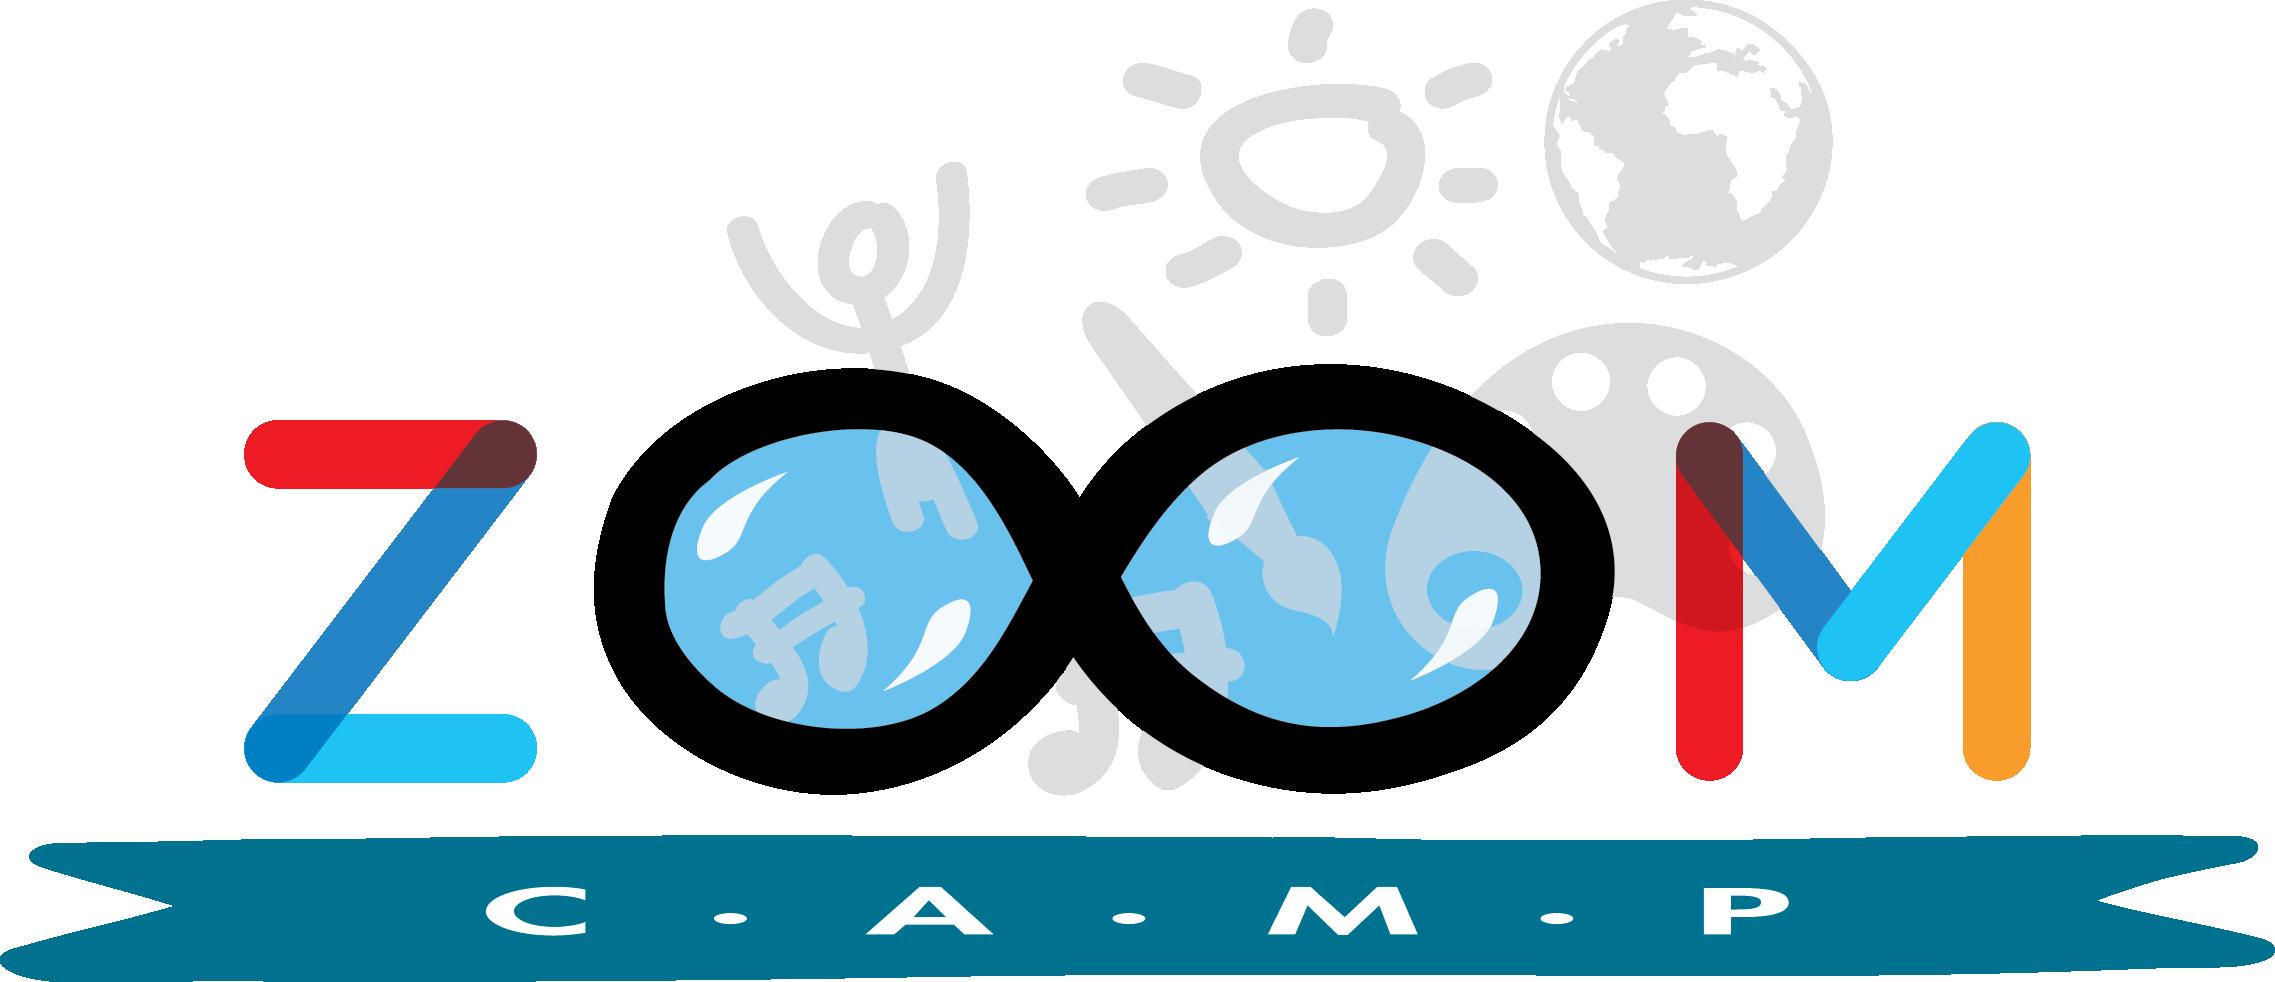 ZOOM camp Activa - Campamento de inmersión lingüística